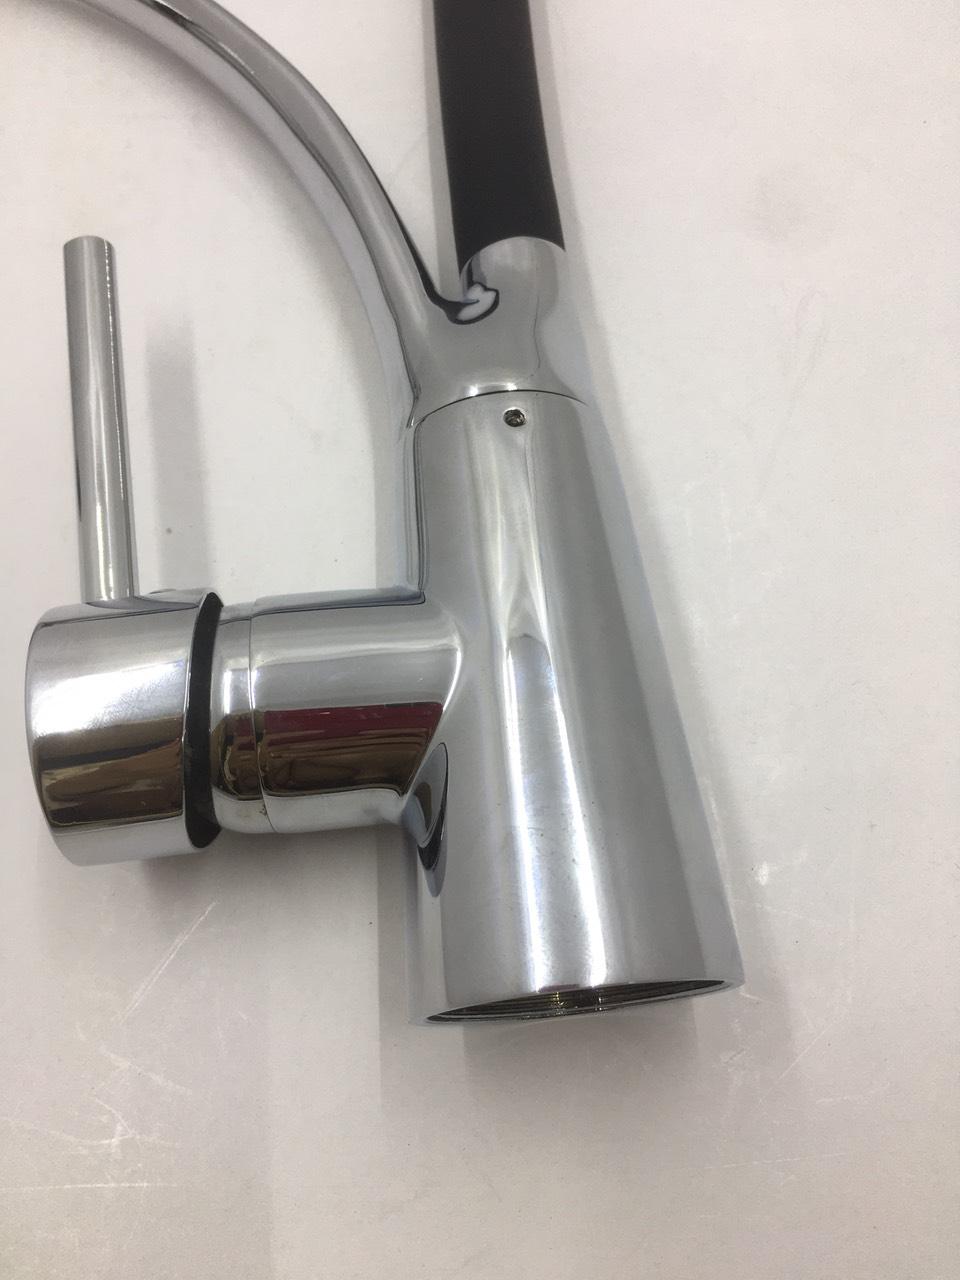 Vòi Chậu Rửa Bát Silicol Đen Cao Cấp - Vòi Chậu Rửa Bát 2 Chiều Nóng Lạnh